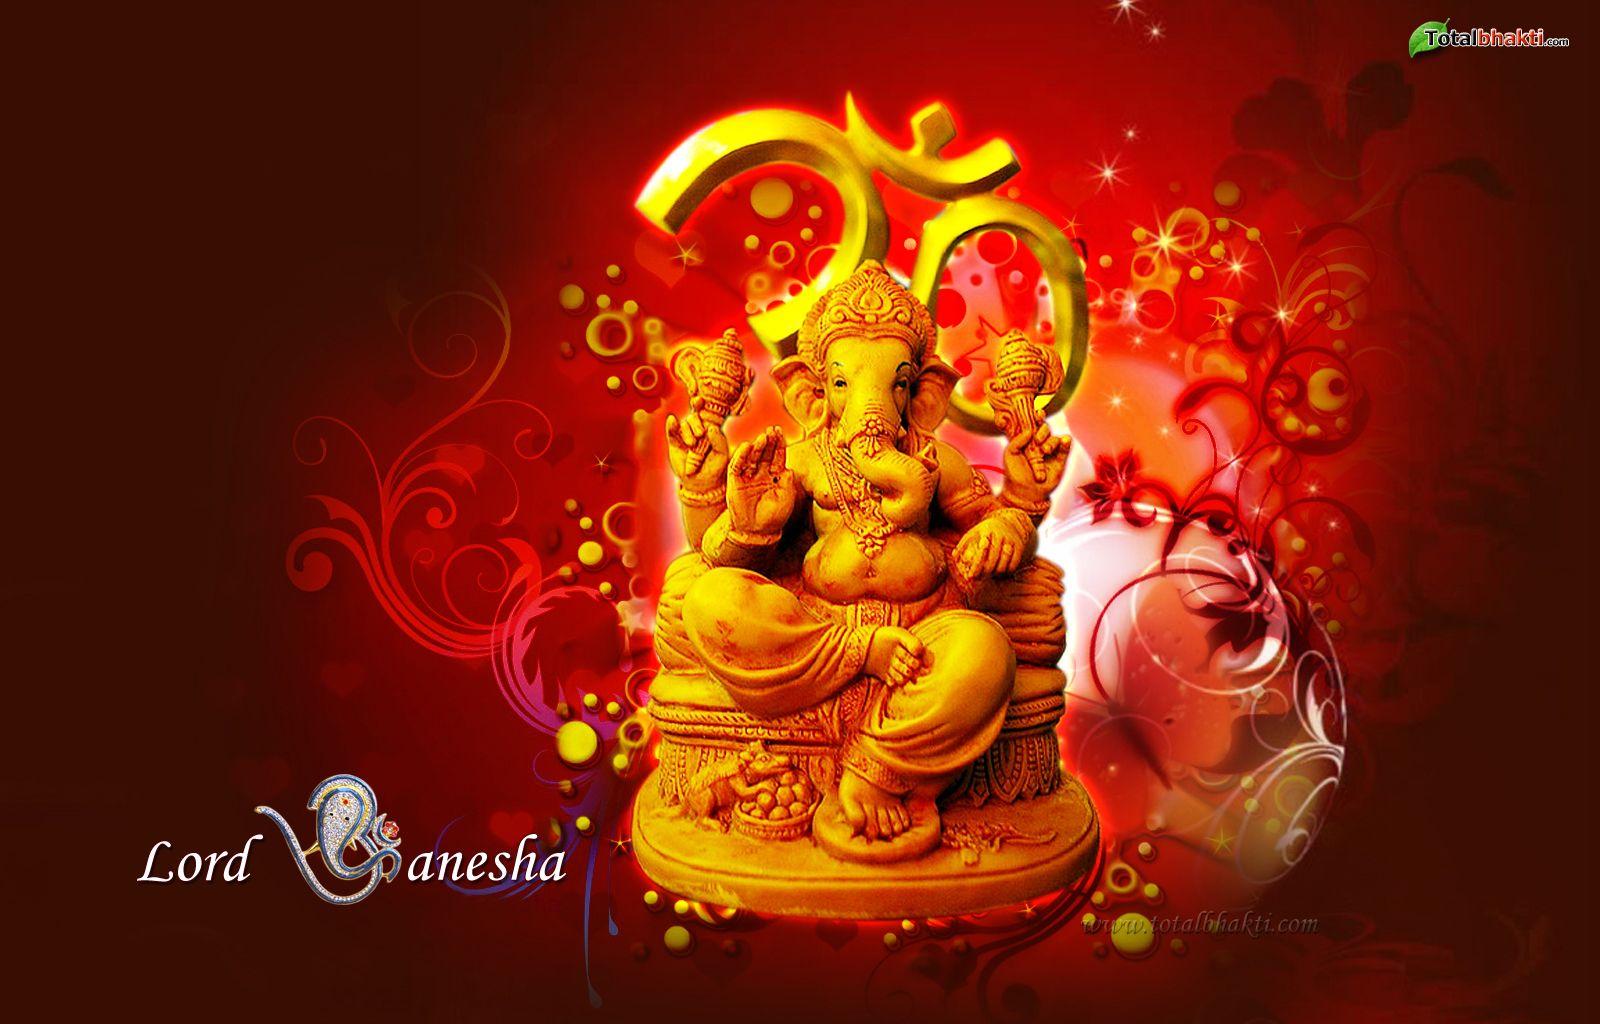 Ganesha Wallpaper Ganeshchaturthi Happy Birthday Ganesha In